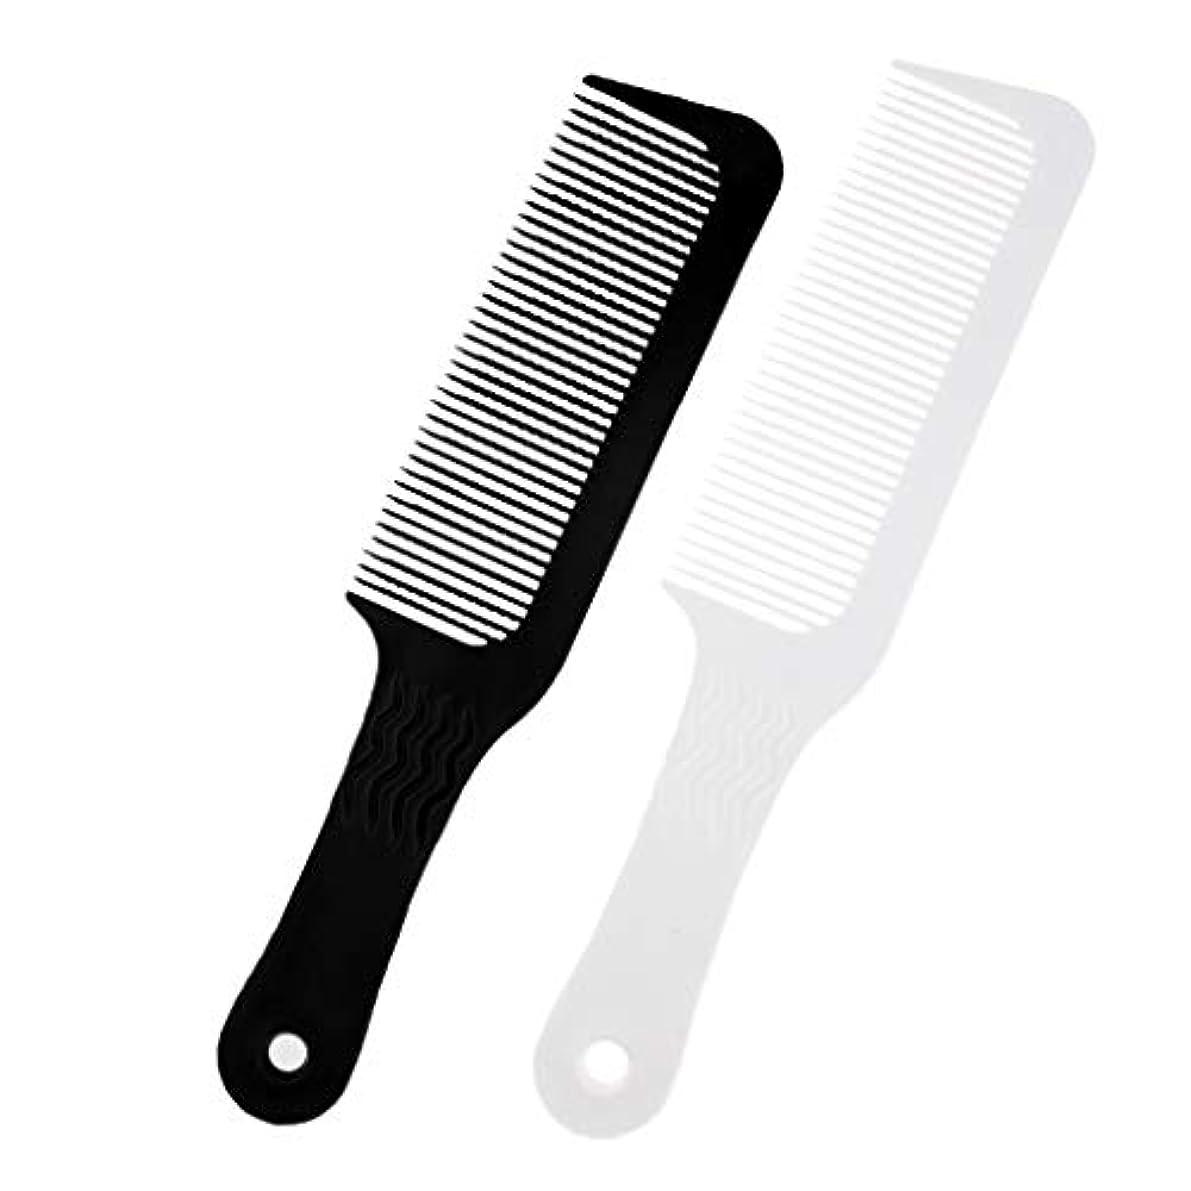 予想する散らす眠りToygogo プロ3ピース理髪サロンフラットトップクリッパーくし美容師スタイリング切削デタングルブラシツール